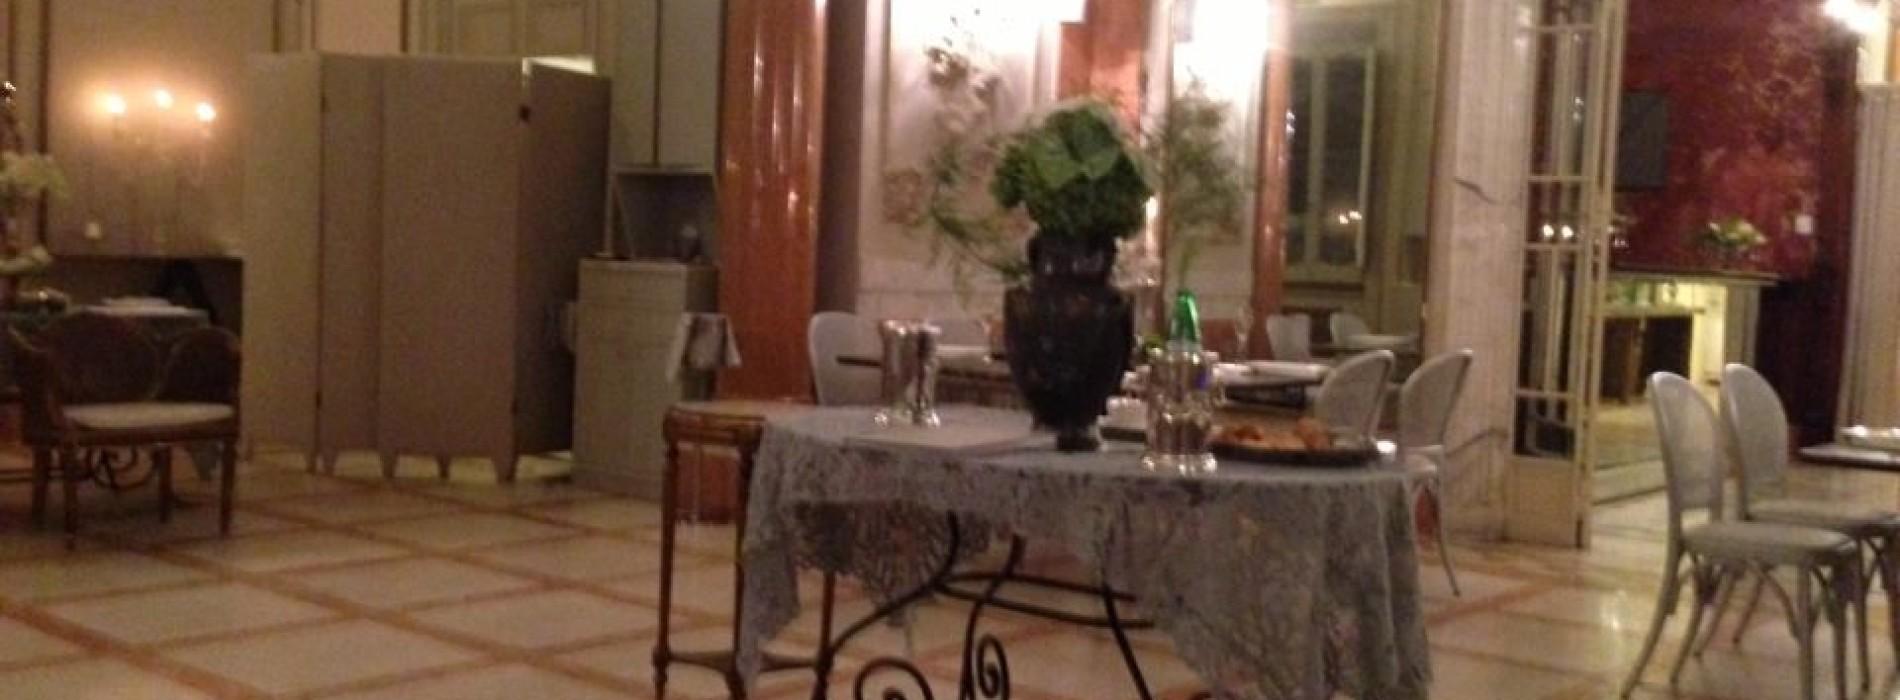 L'Enoteca La Torre arriva a Roma, nella splendida Villa Laetitia di Anna Fendi: insalata emersa, agnello della Tuscia e maialino in tempura